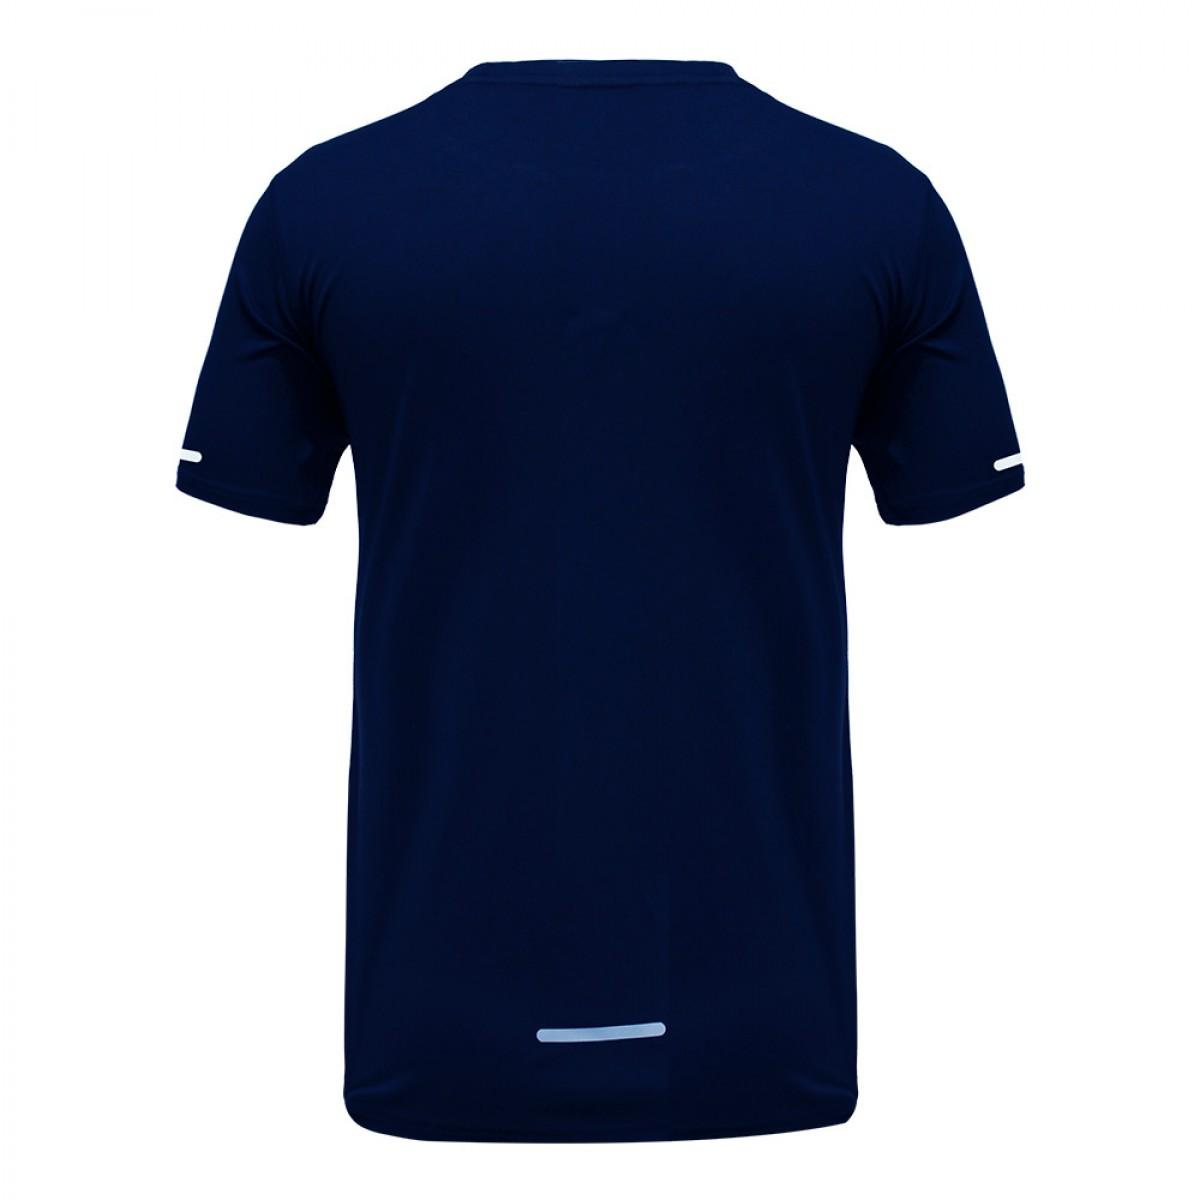 men-knitted-round-neck-t-shirt-kkrt15968-5a